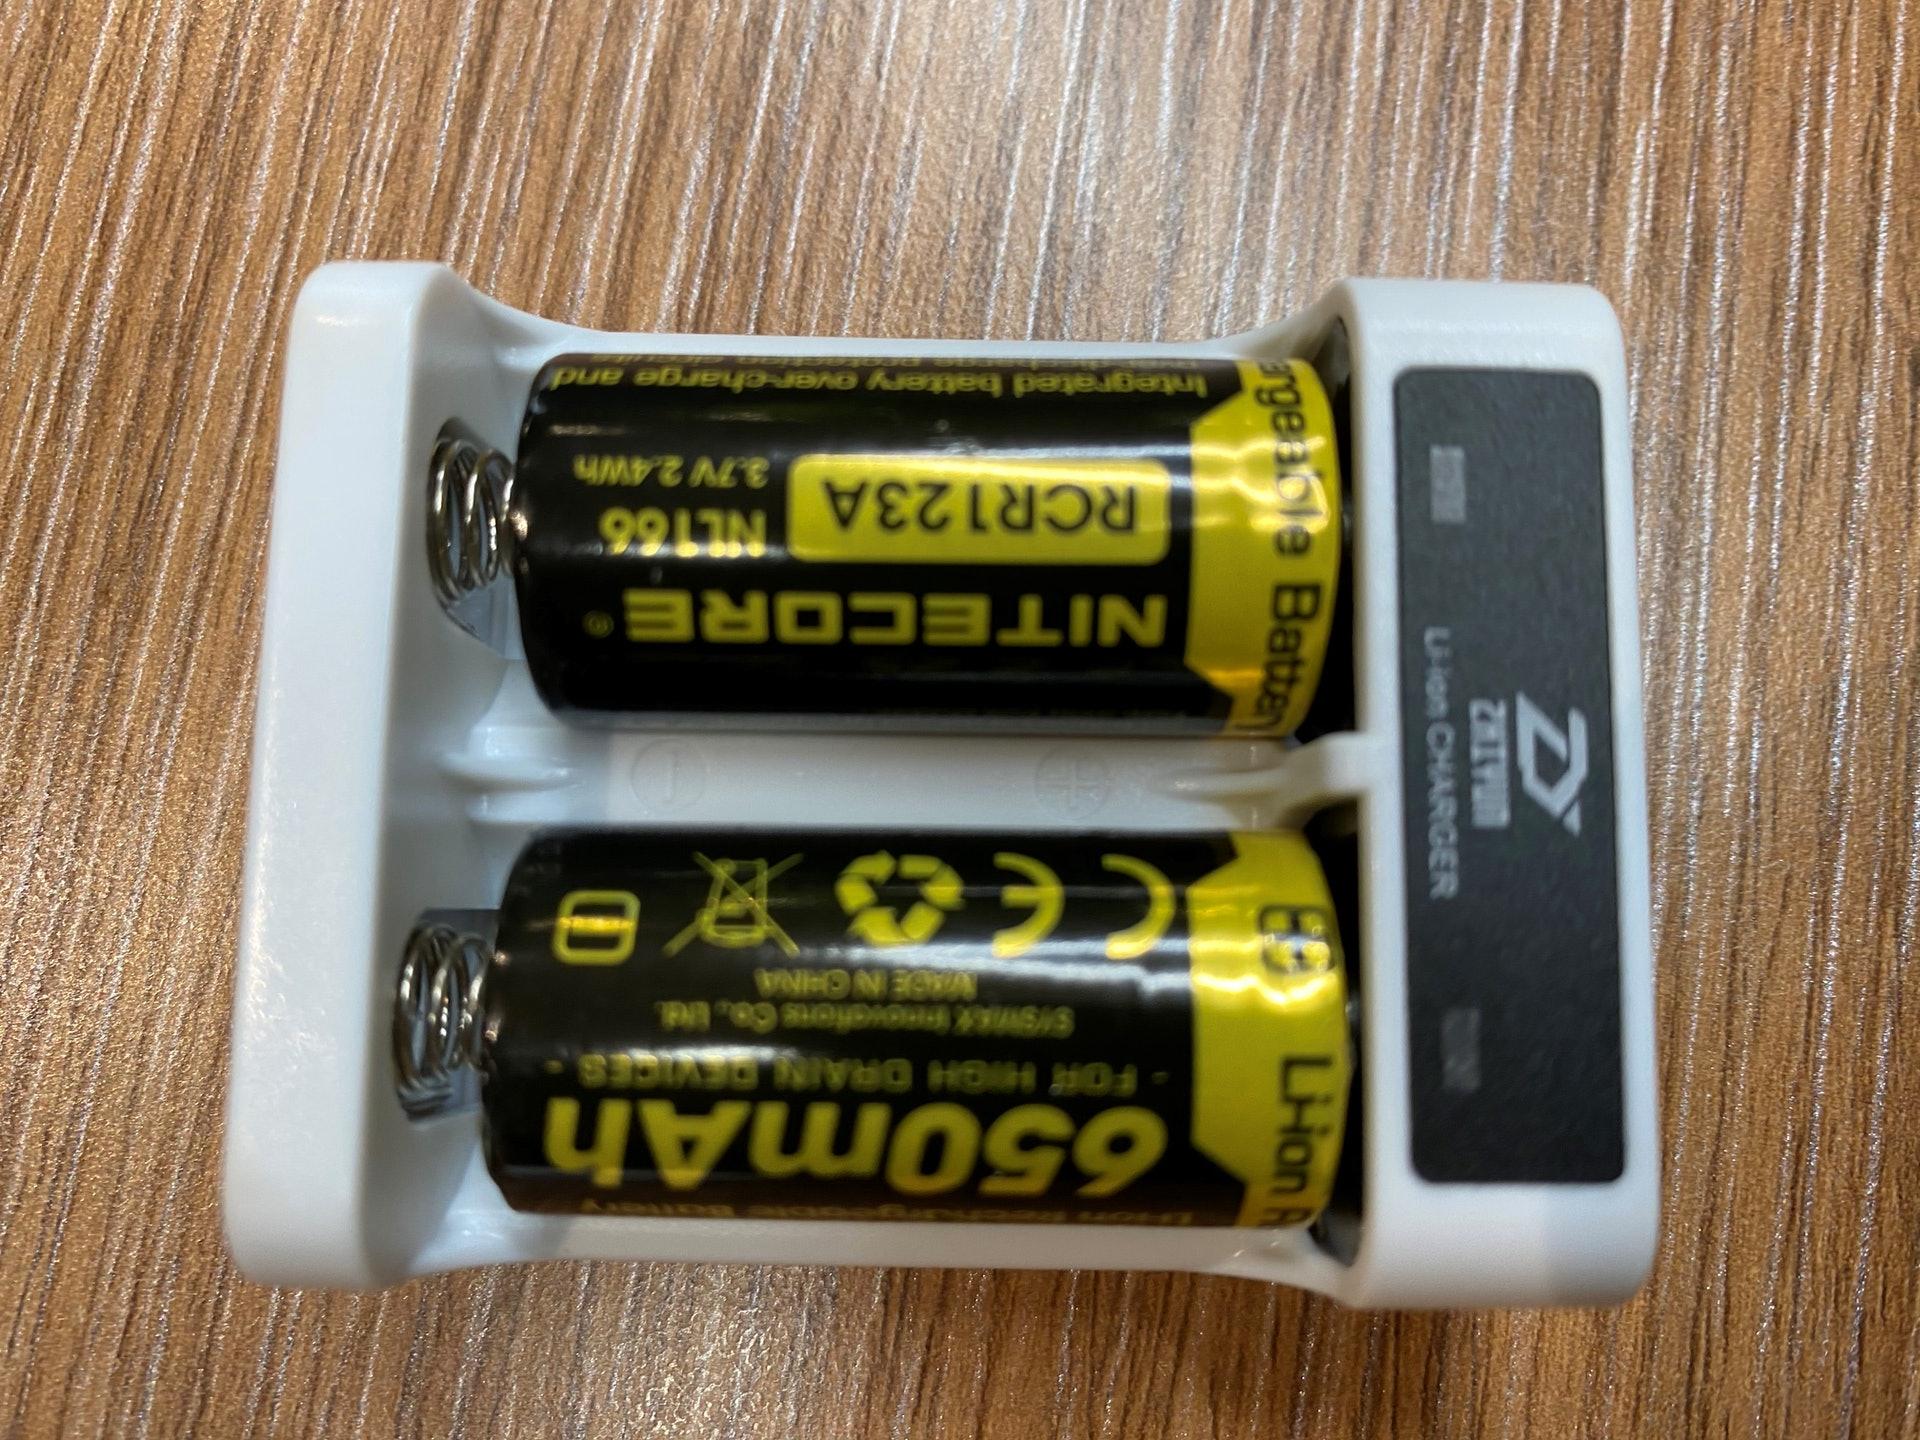 在電池方面,則使用市面上較易找到及價錢較相宜的電池。(曾鳳婷攝)